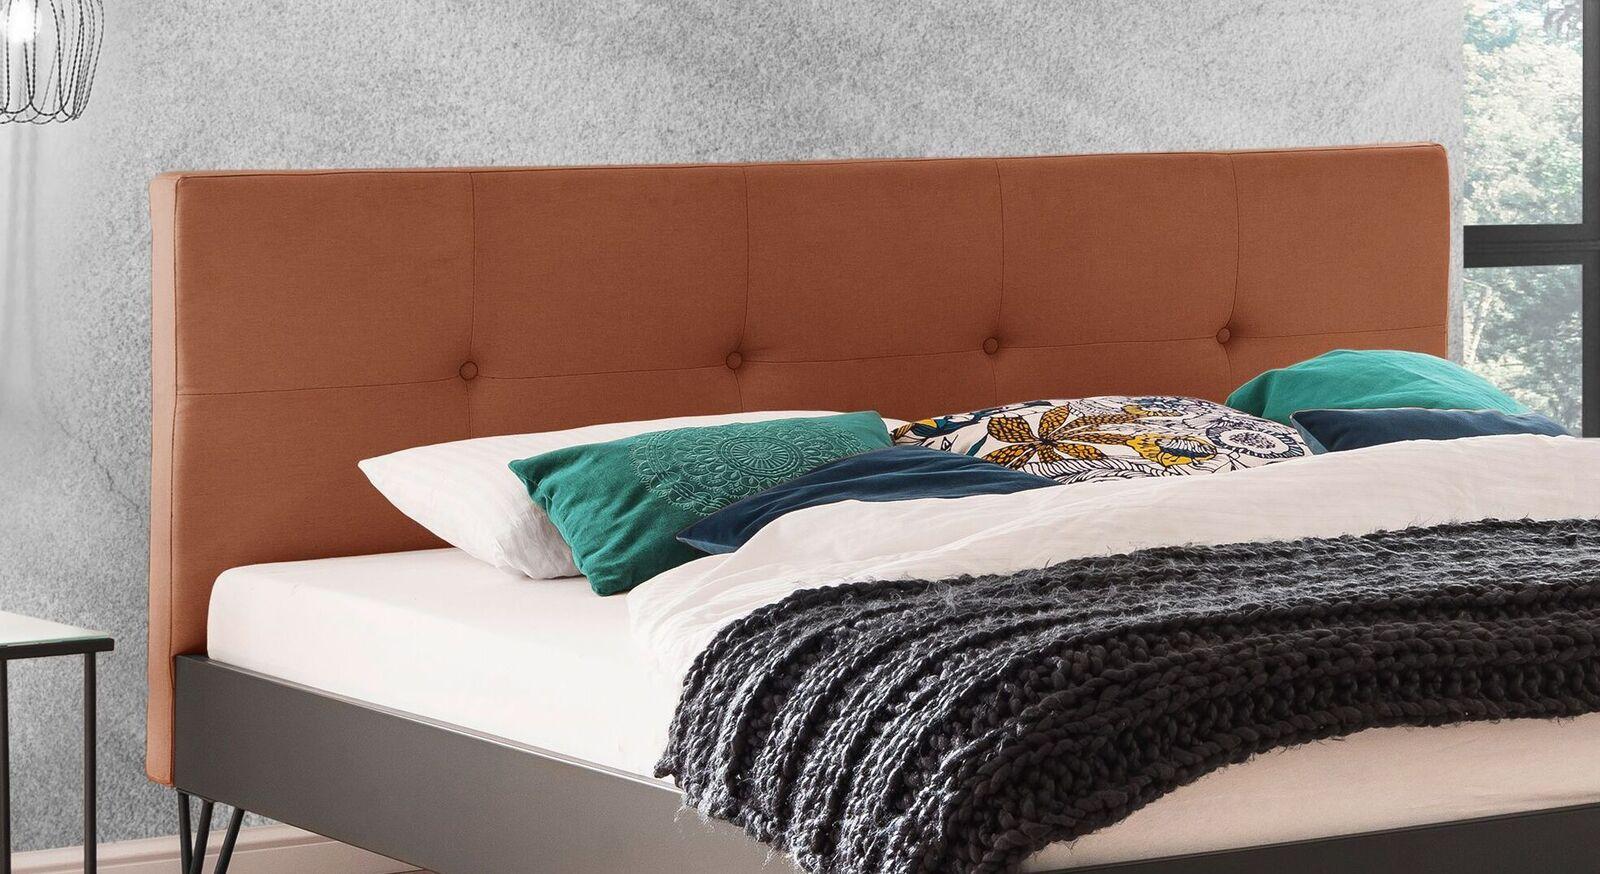 Bett Dobra mit Knopfheftung am Kopfteil